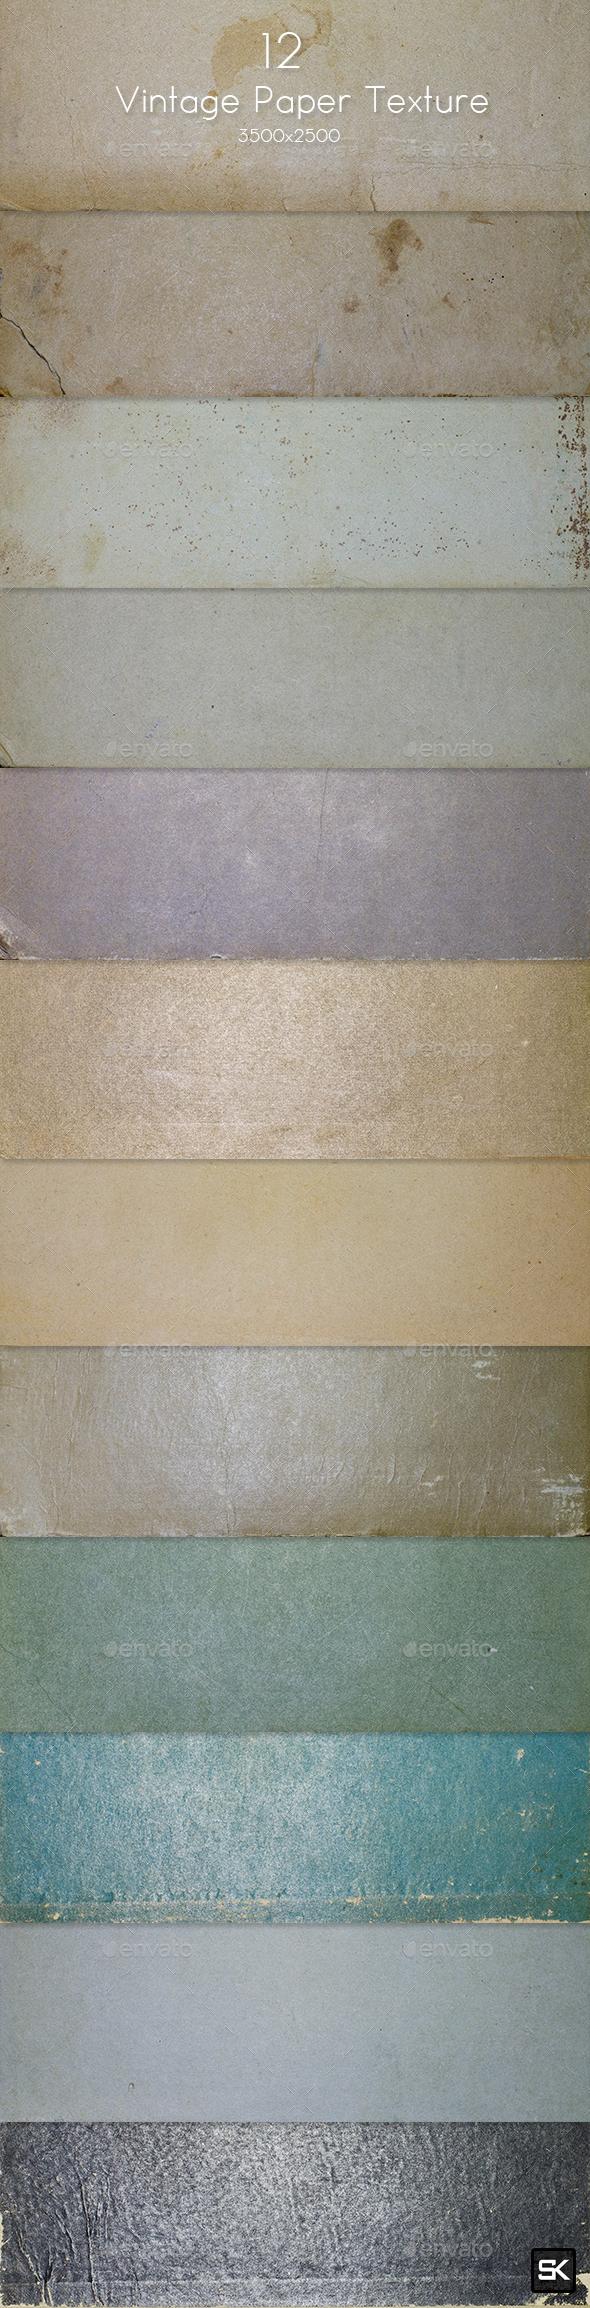 12 Vintage Paper Texture - Paper Textures